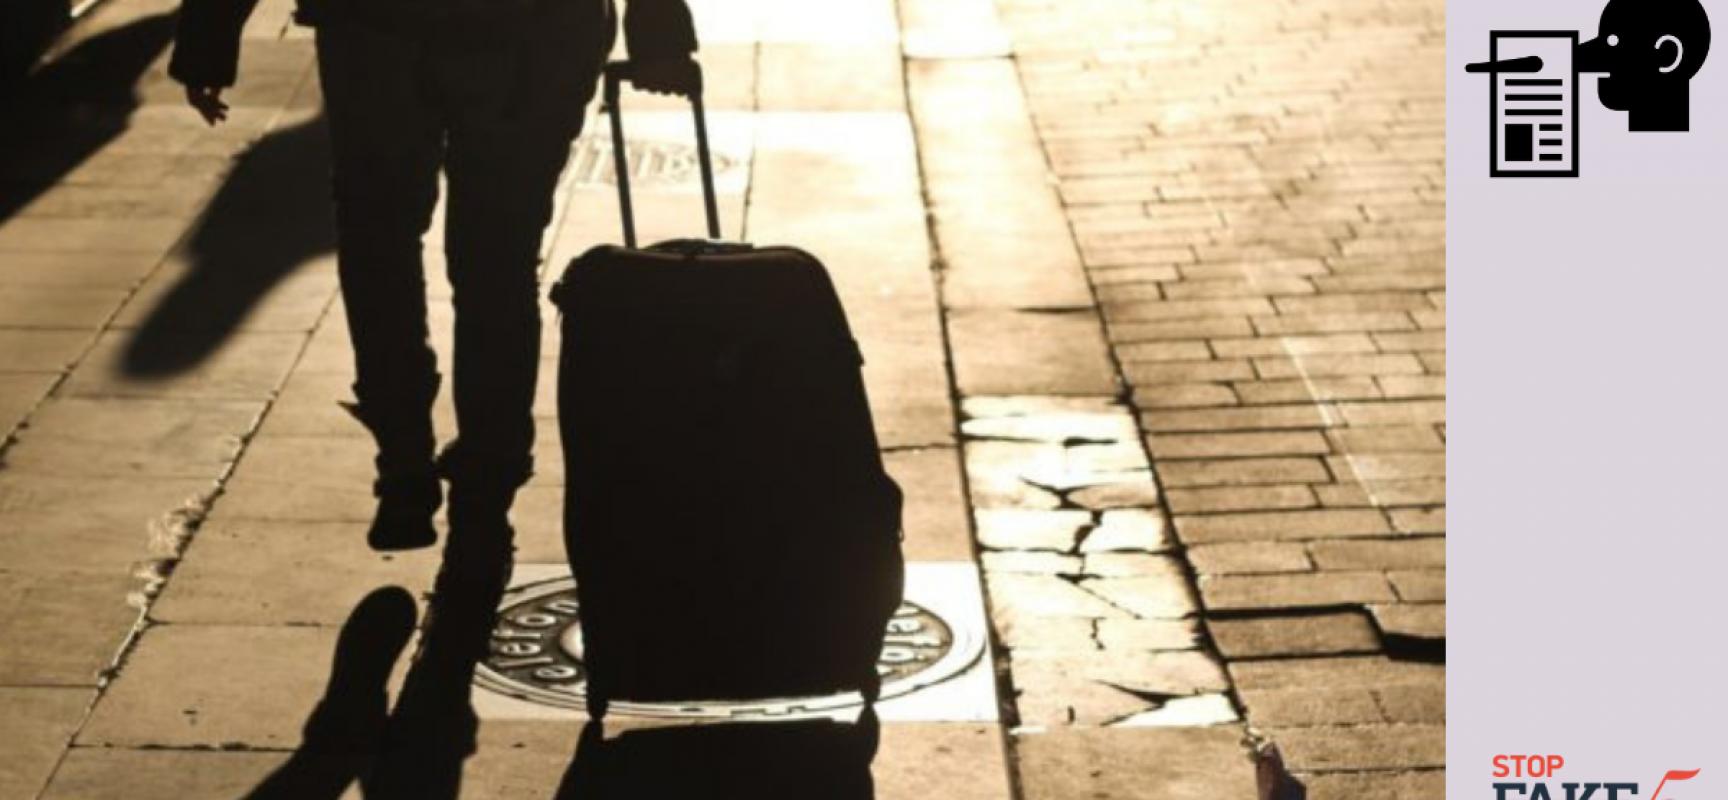 Falsi: Unione europea vuole complicare il regime senza visto per l'Ucraina